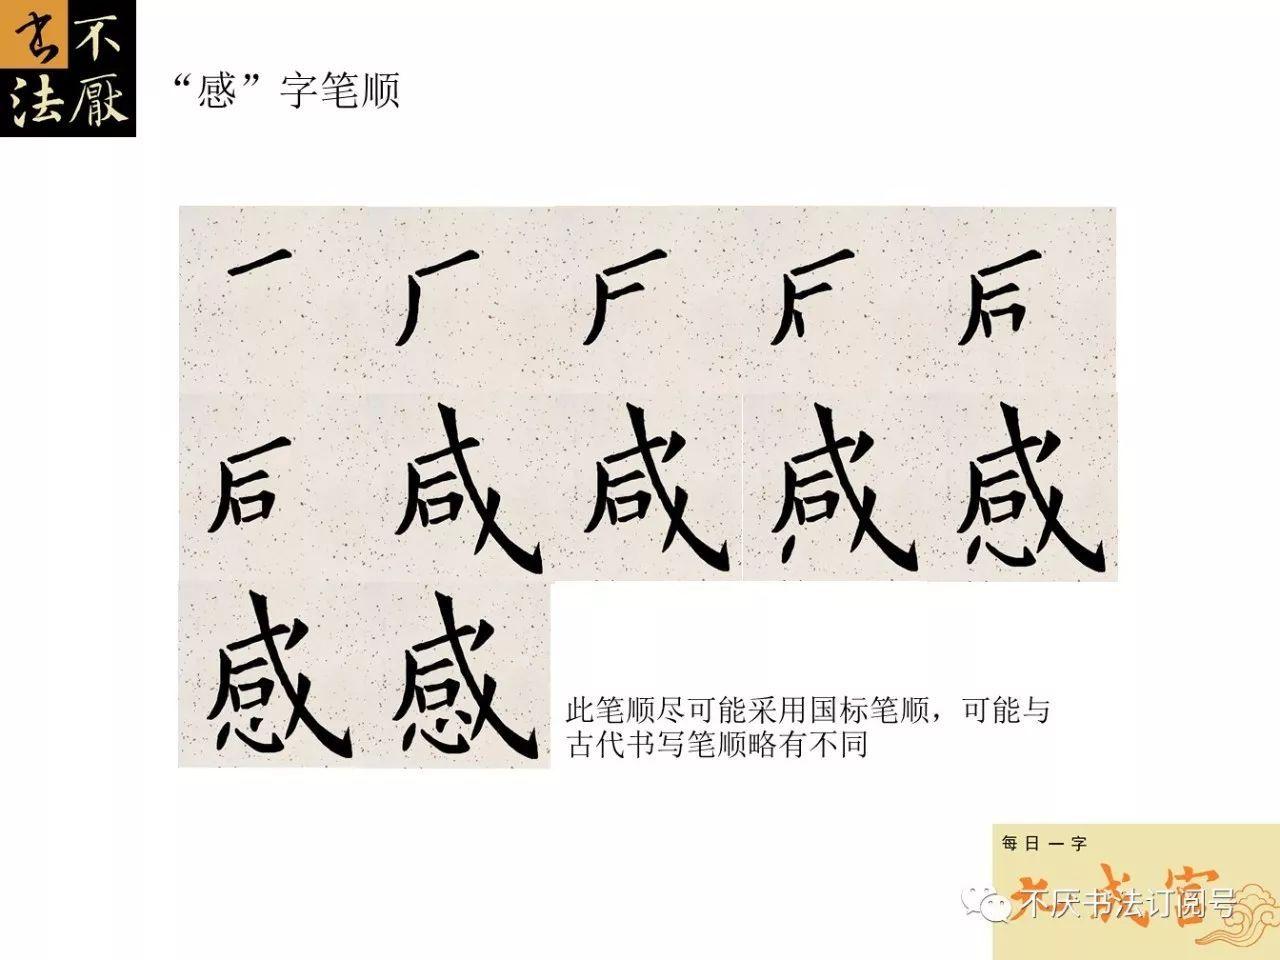 """不 法康 """"感""""字笔顺 厂厂乐后 后咸咸咸感 感感 此笔顺尽可能采用国标笔顺,可能与 古代书写笔顺略有不同 每日一字 ·不厌书法订圆号"""